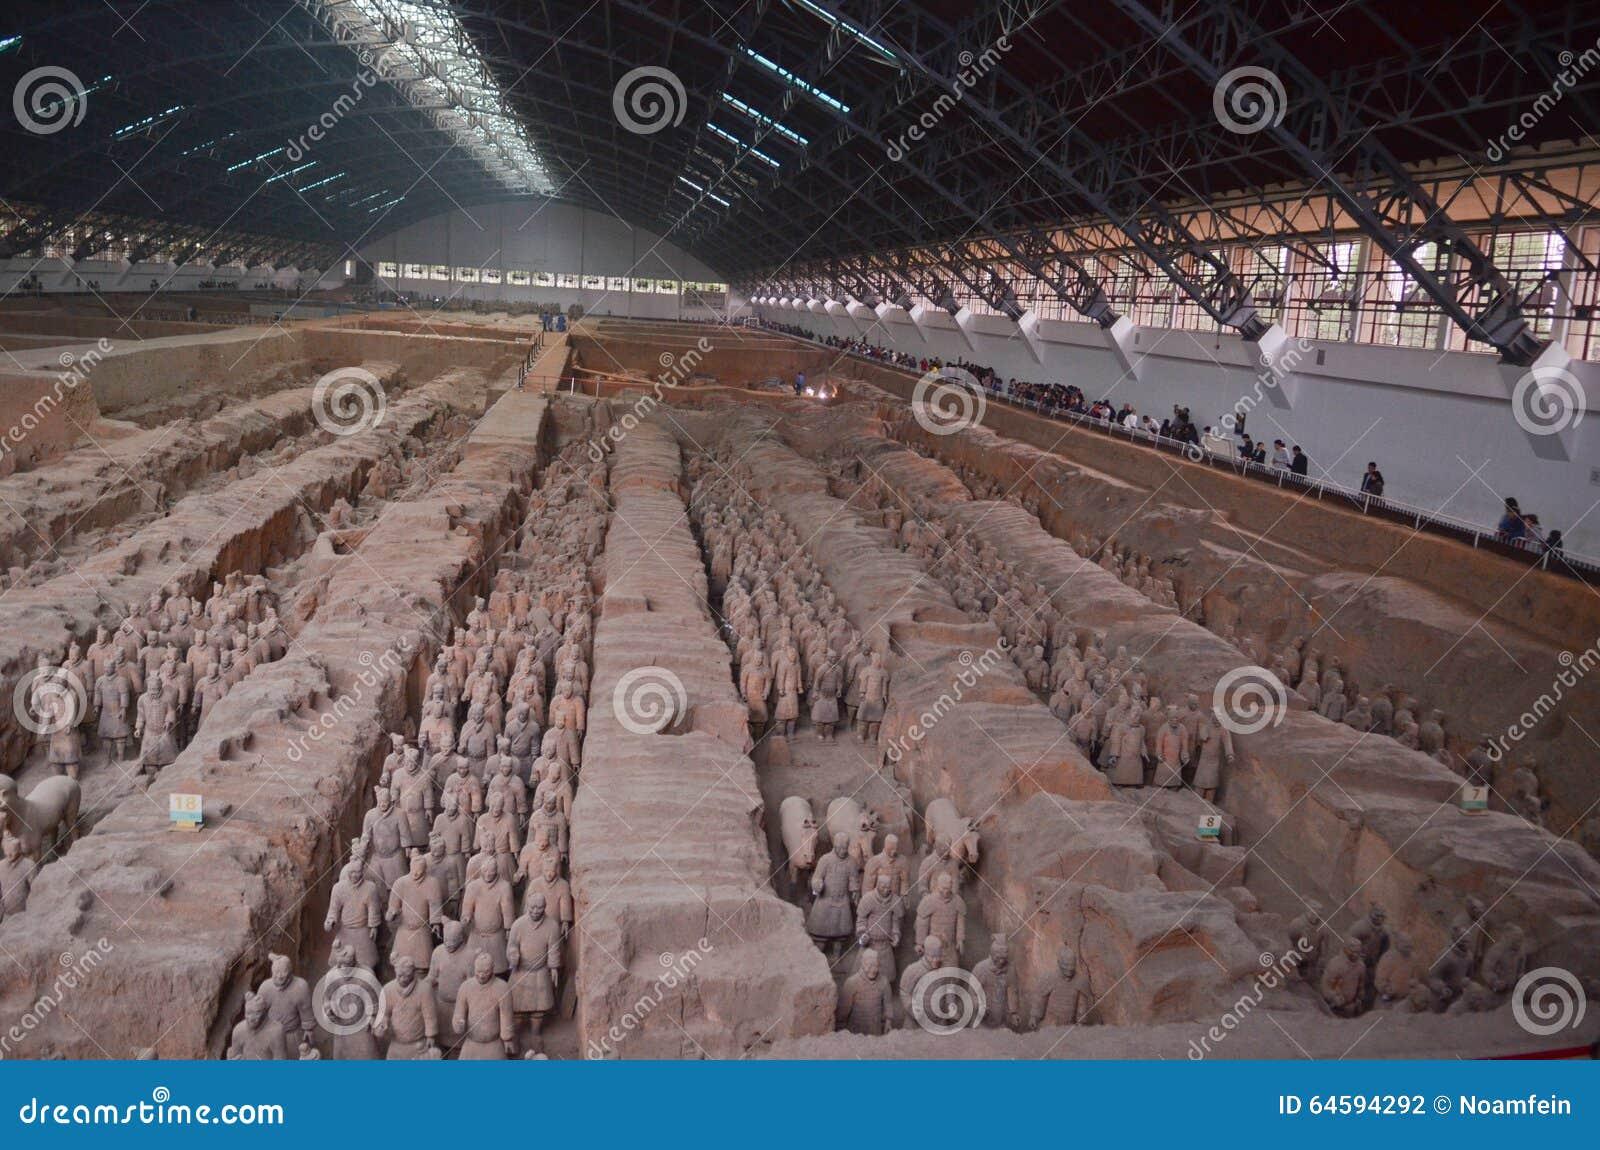 Terrakottakriegersmuseum in Xian